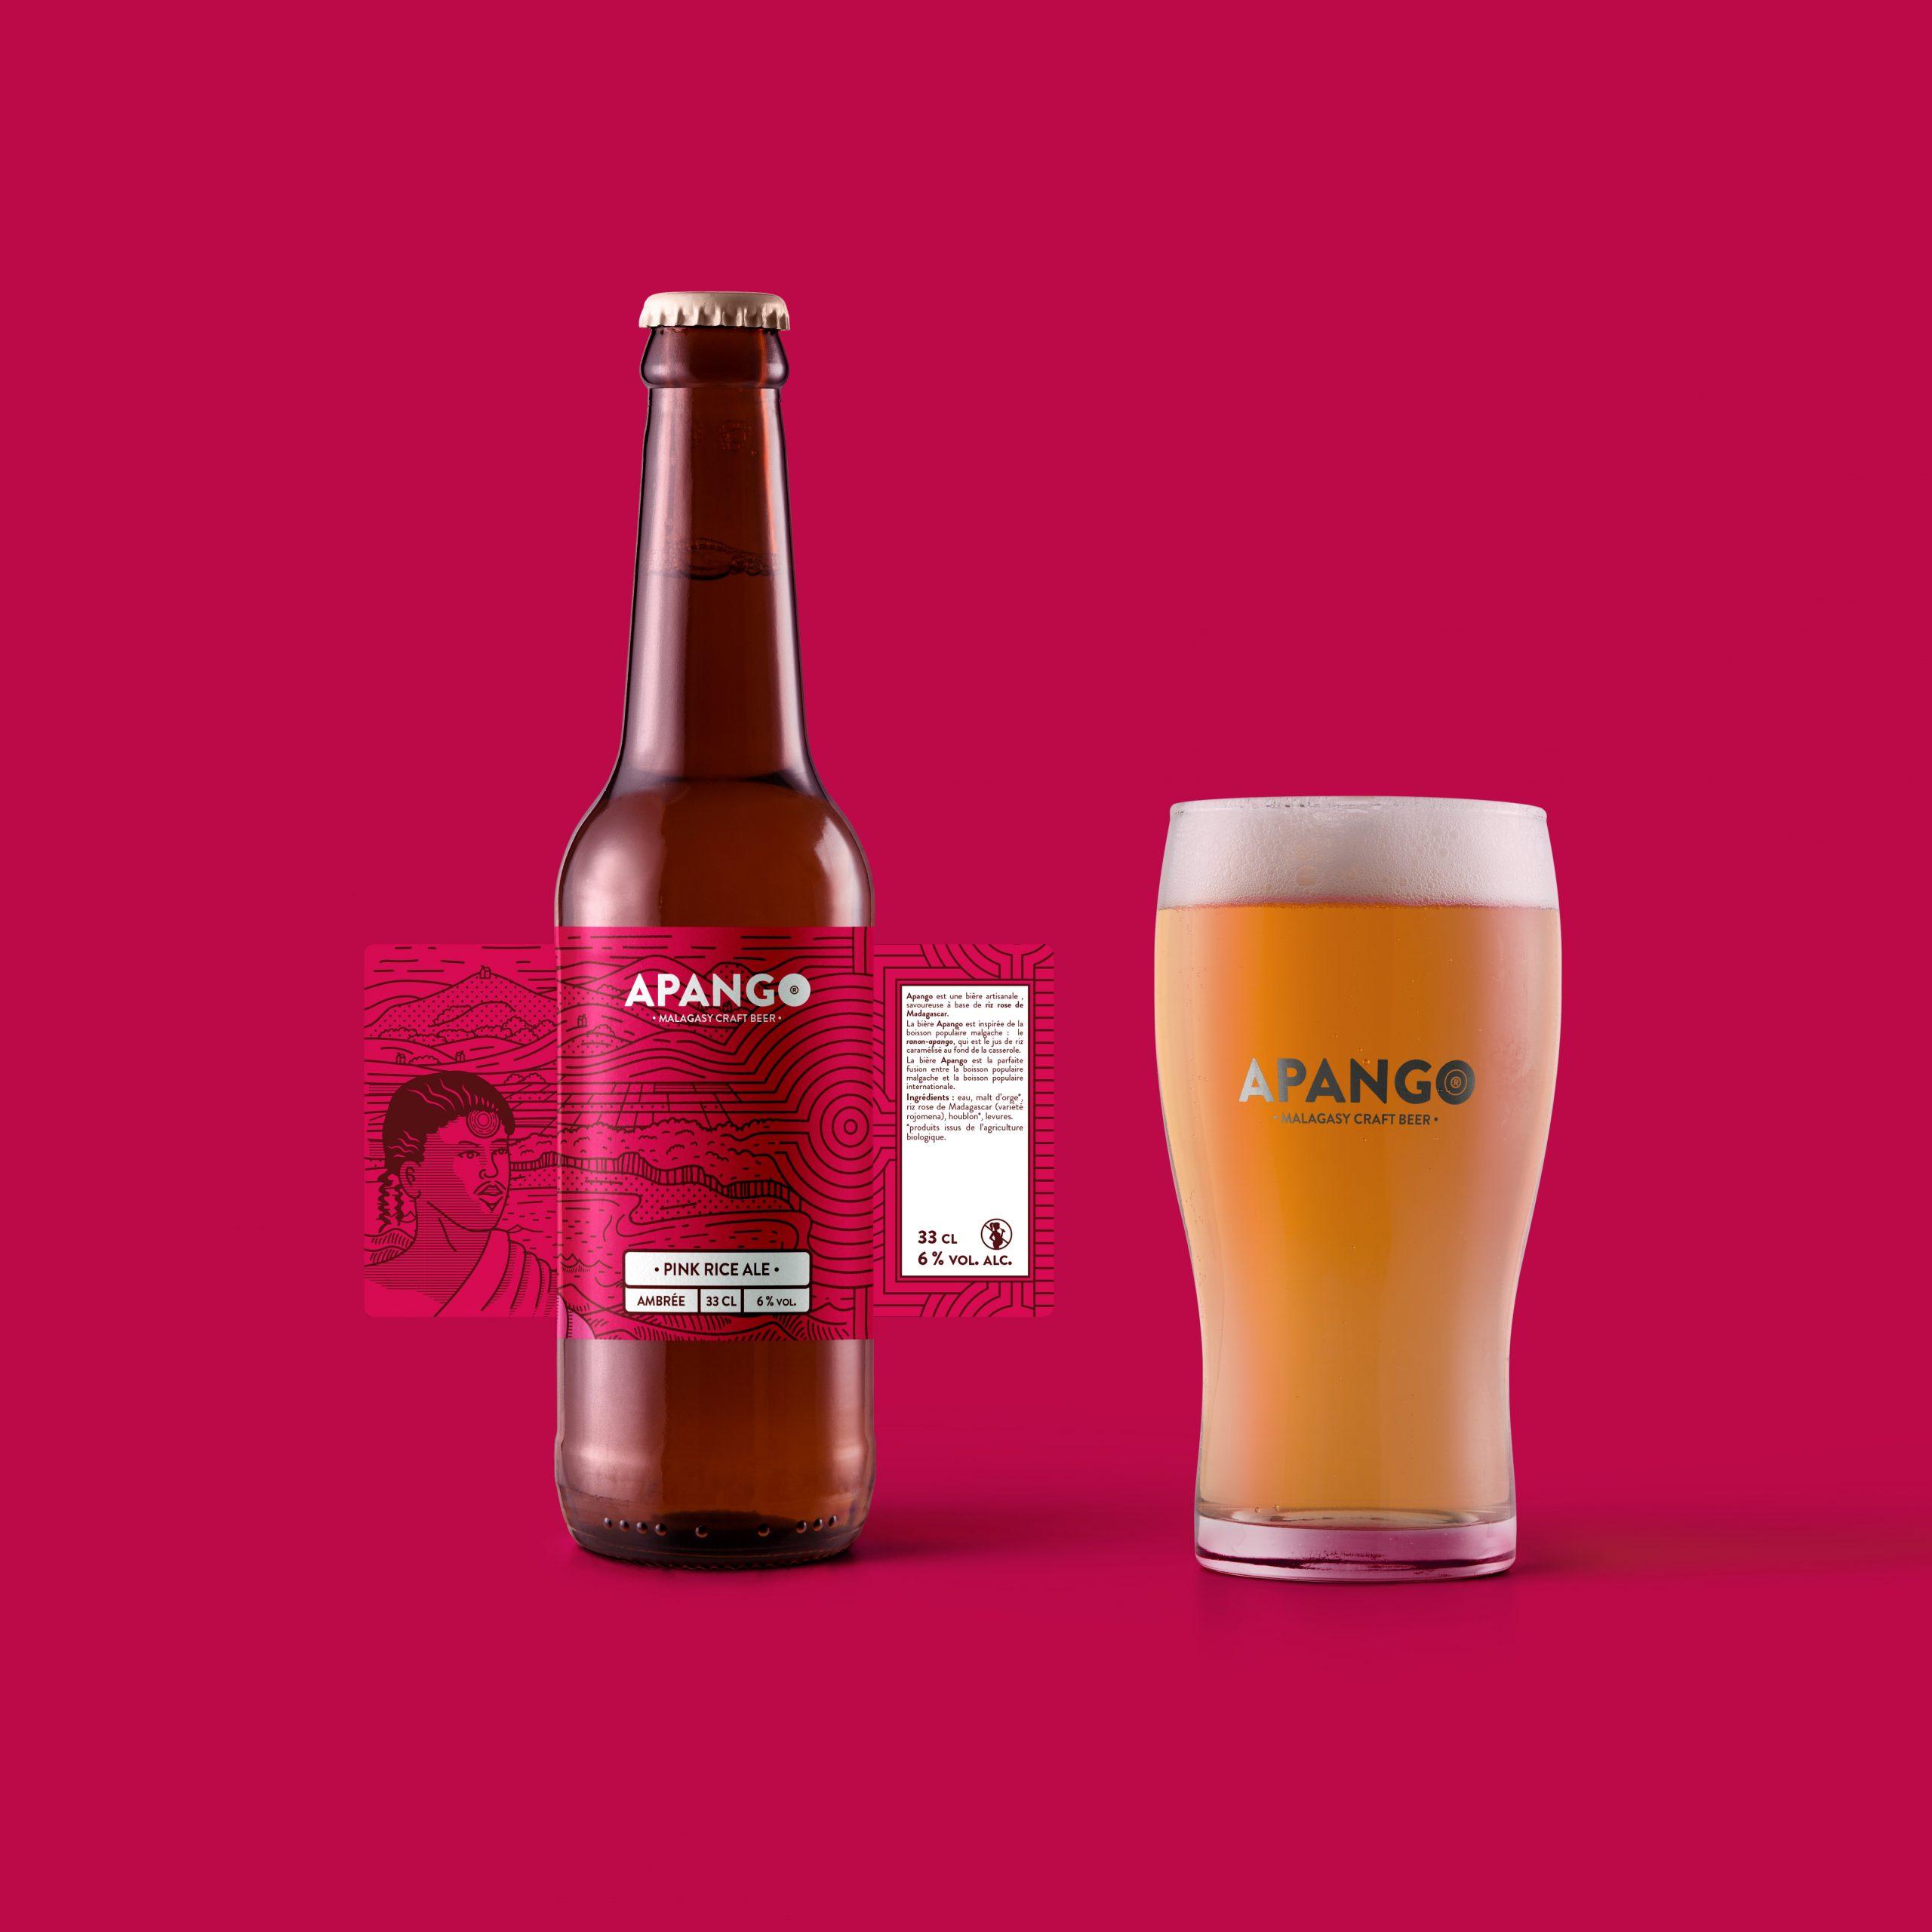 Apango, une bière artisanale lancée en France, fabriquée par un malgache